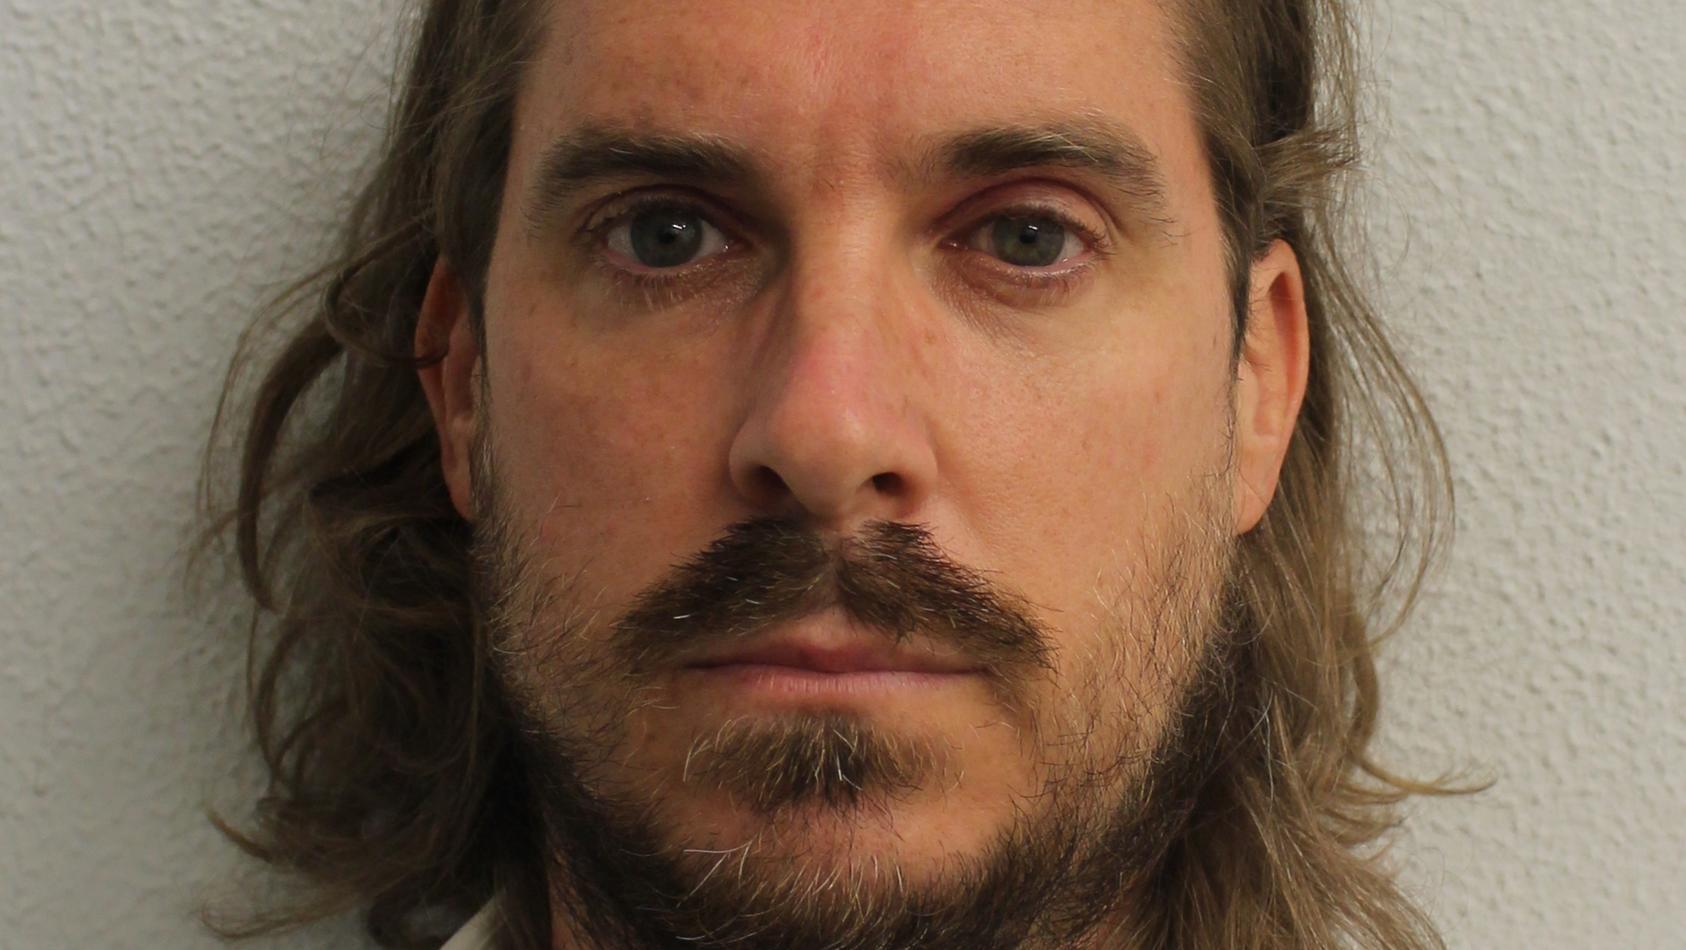 Der Polizeibeamte Neil Corbel fakte Fotoshootings, um nackte Models heimlich zu filmen.